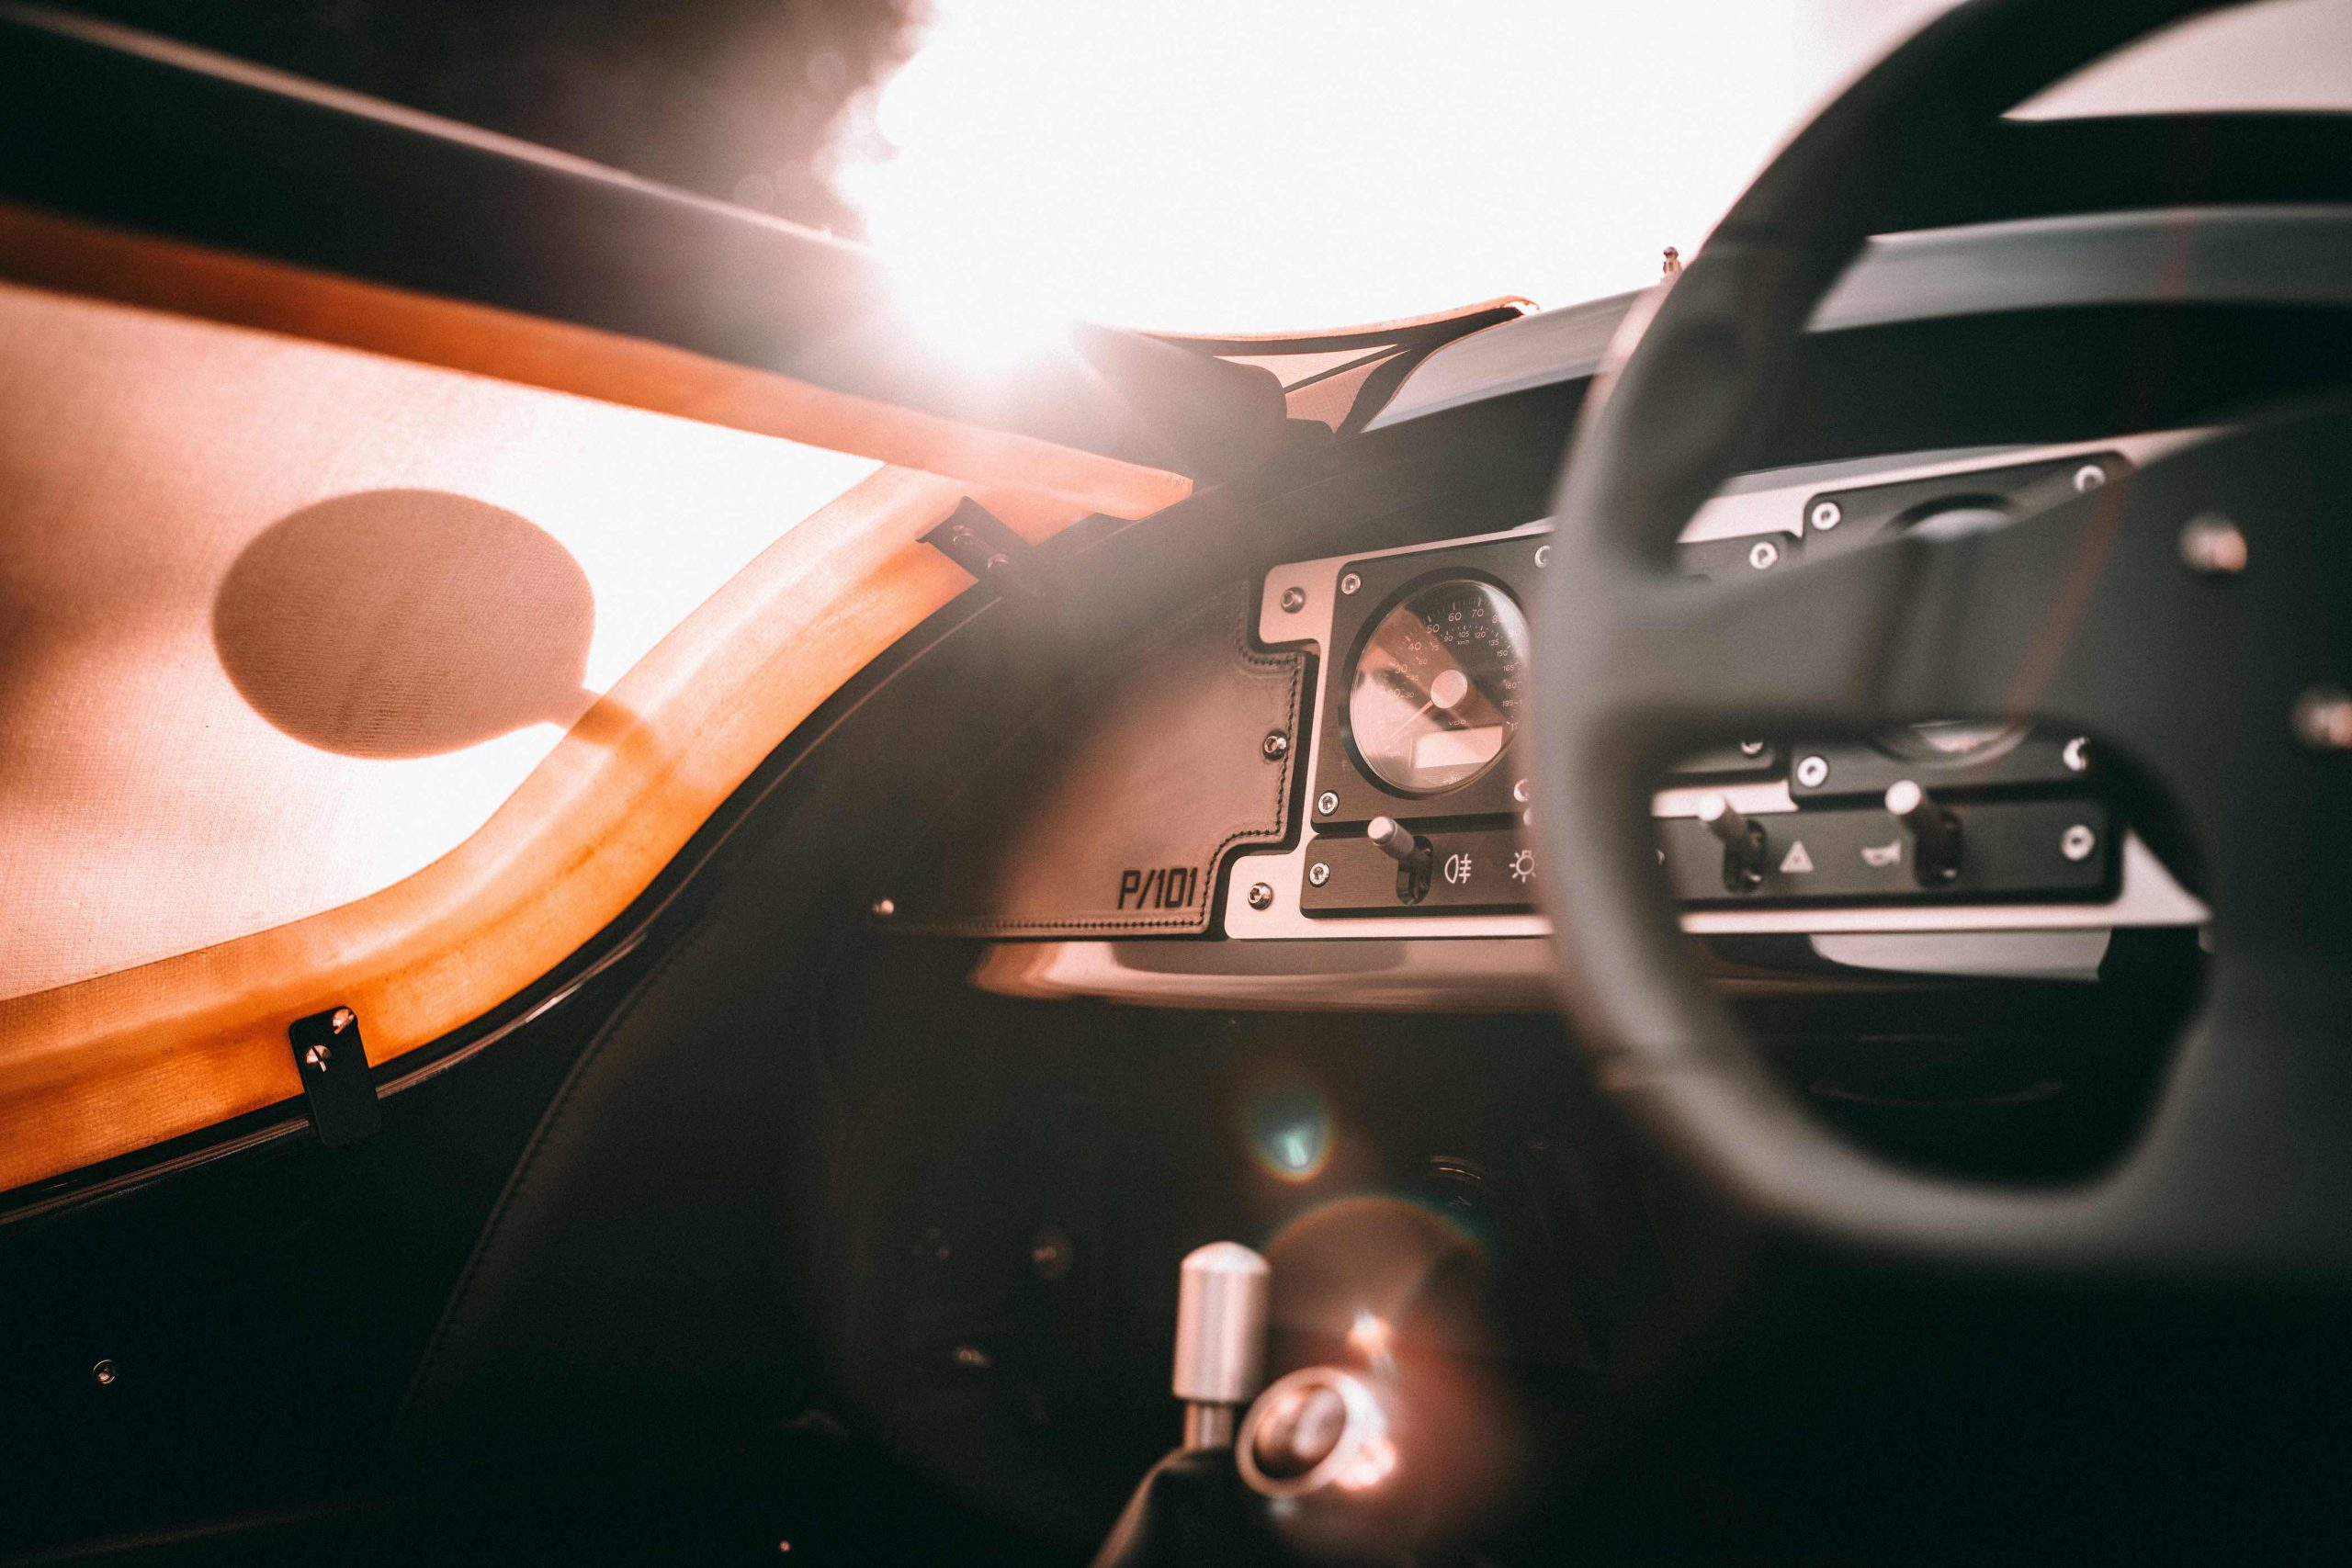 Morgan P101 three wheel cockpit interior